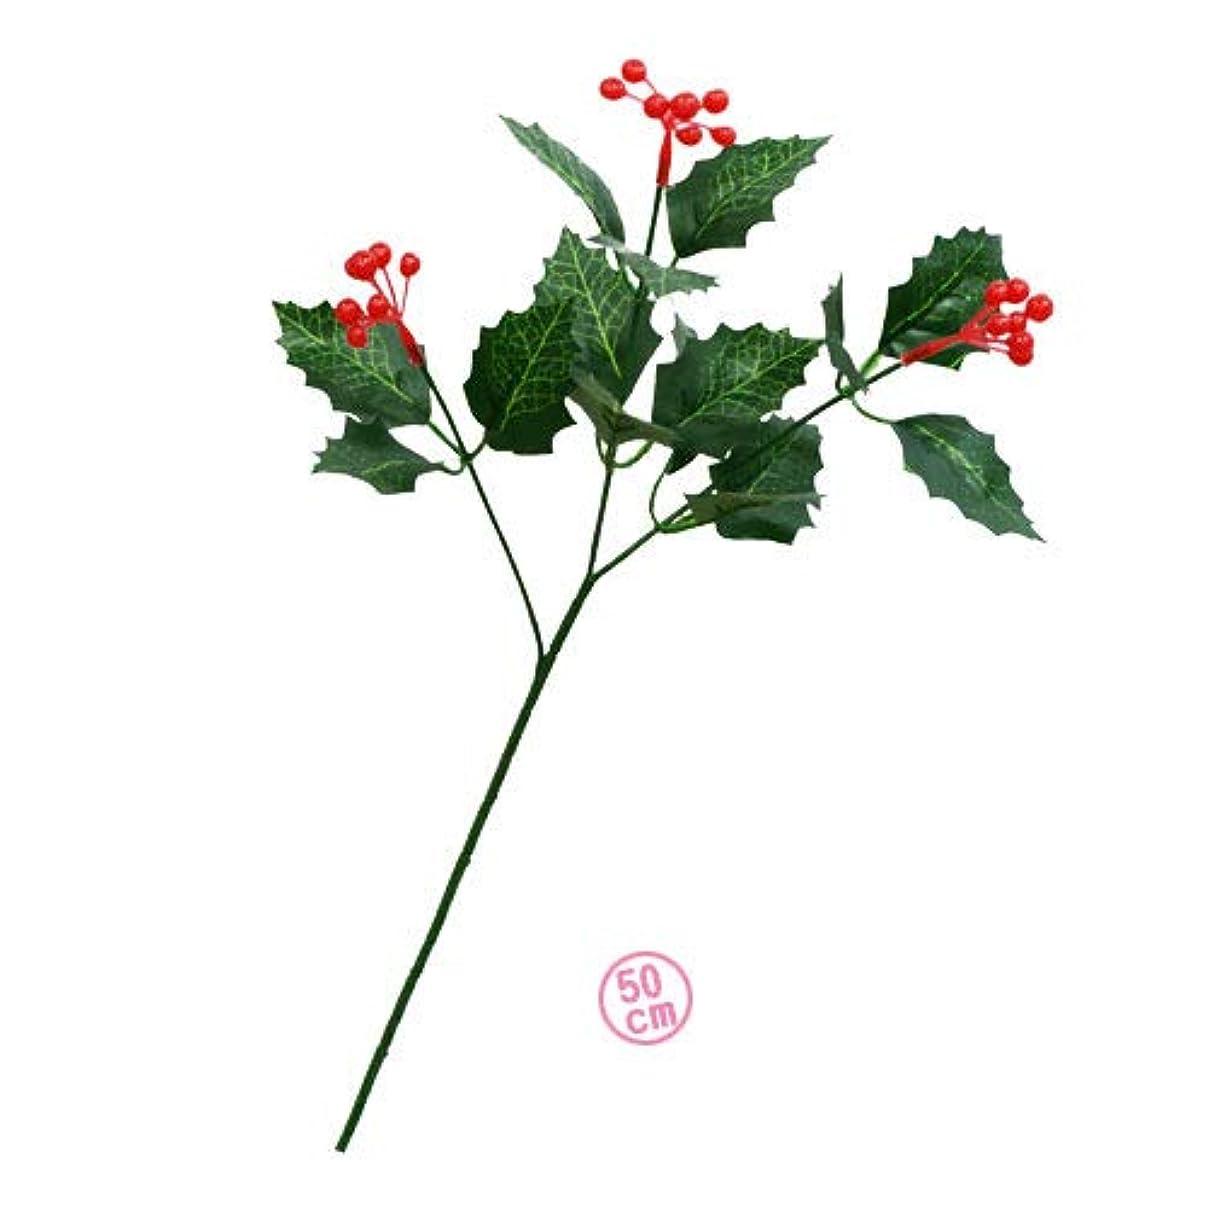 不倫ビジュアル東ティモール造花 ヒイラギ 実付 50cm